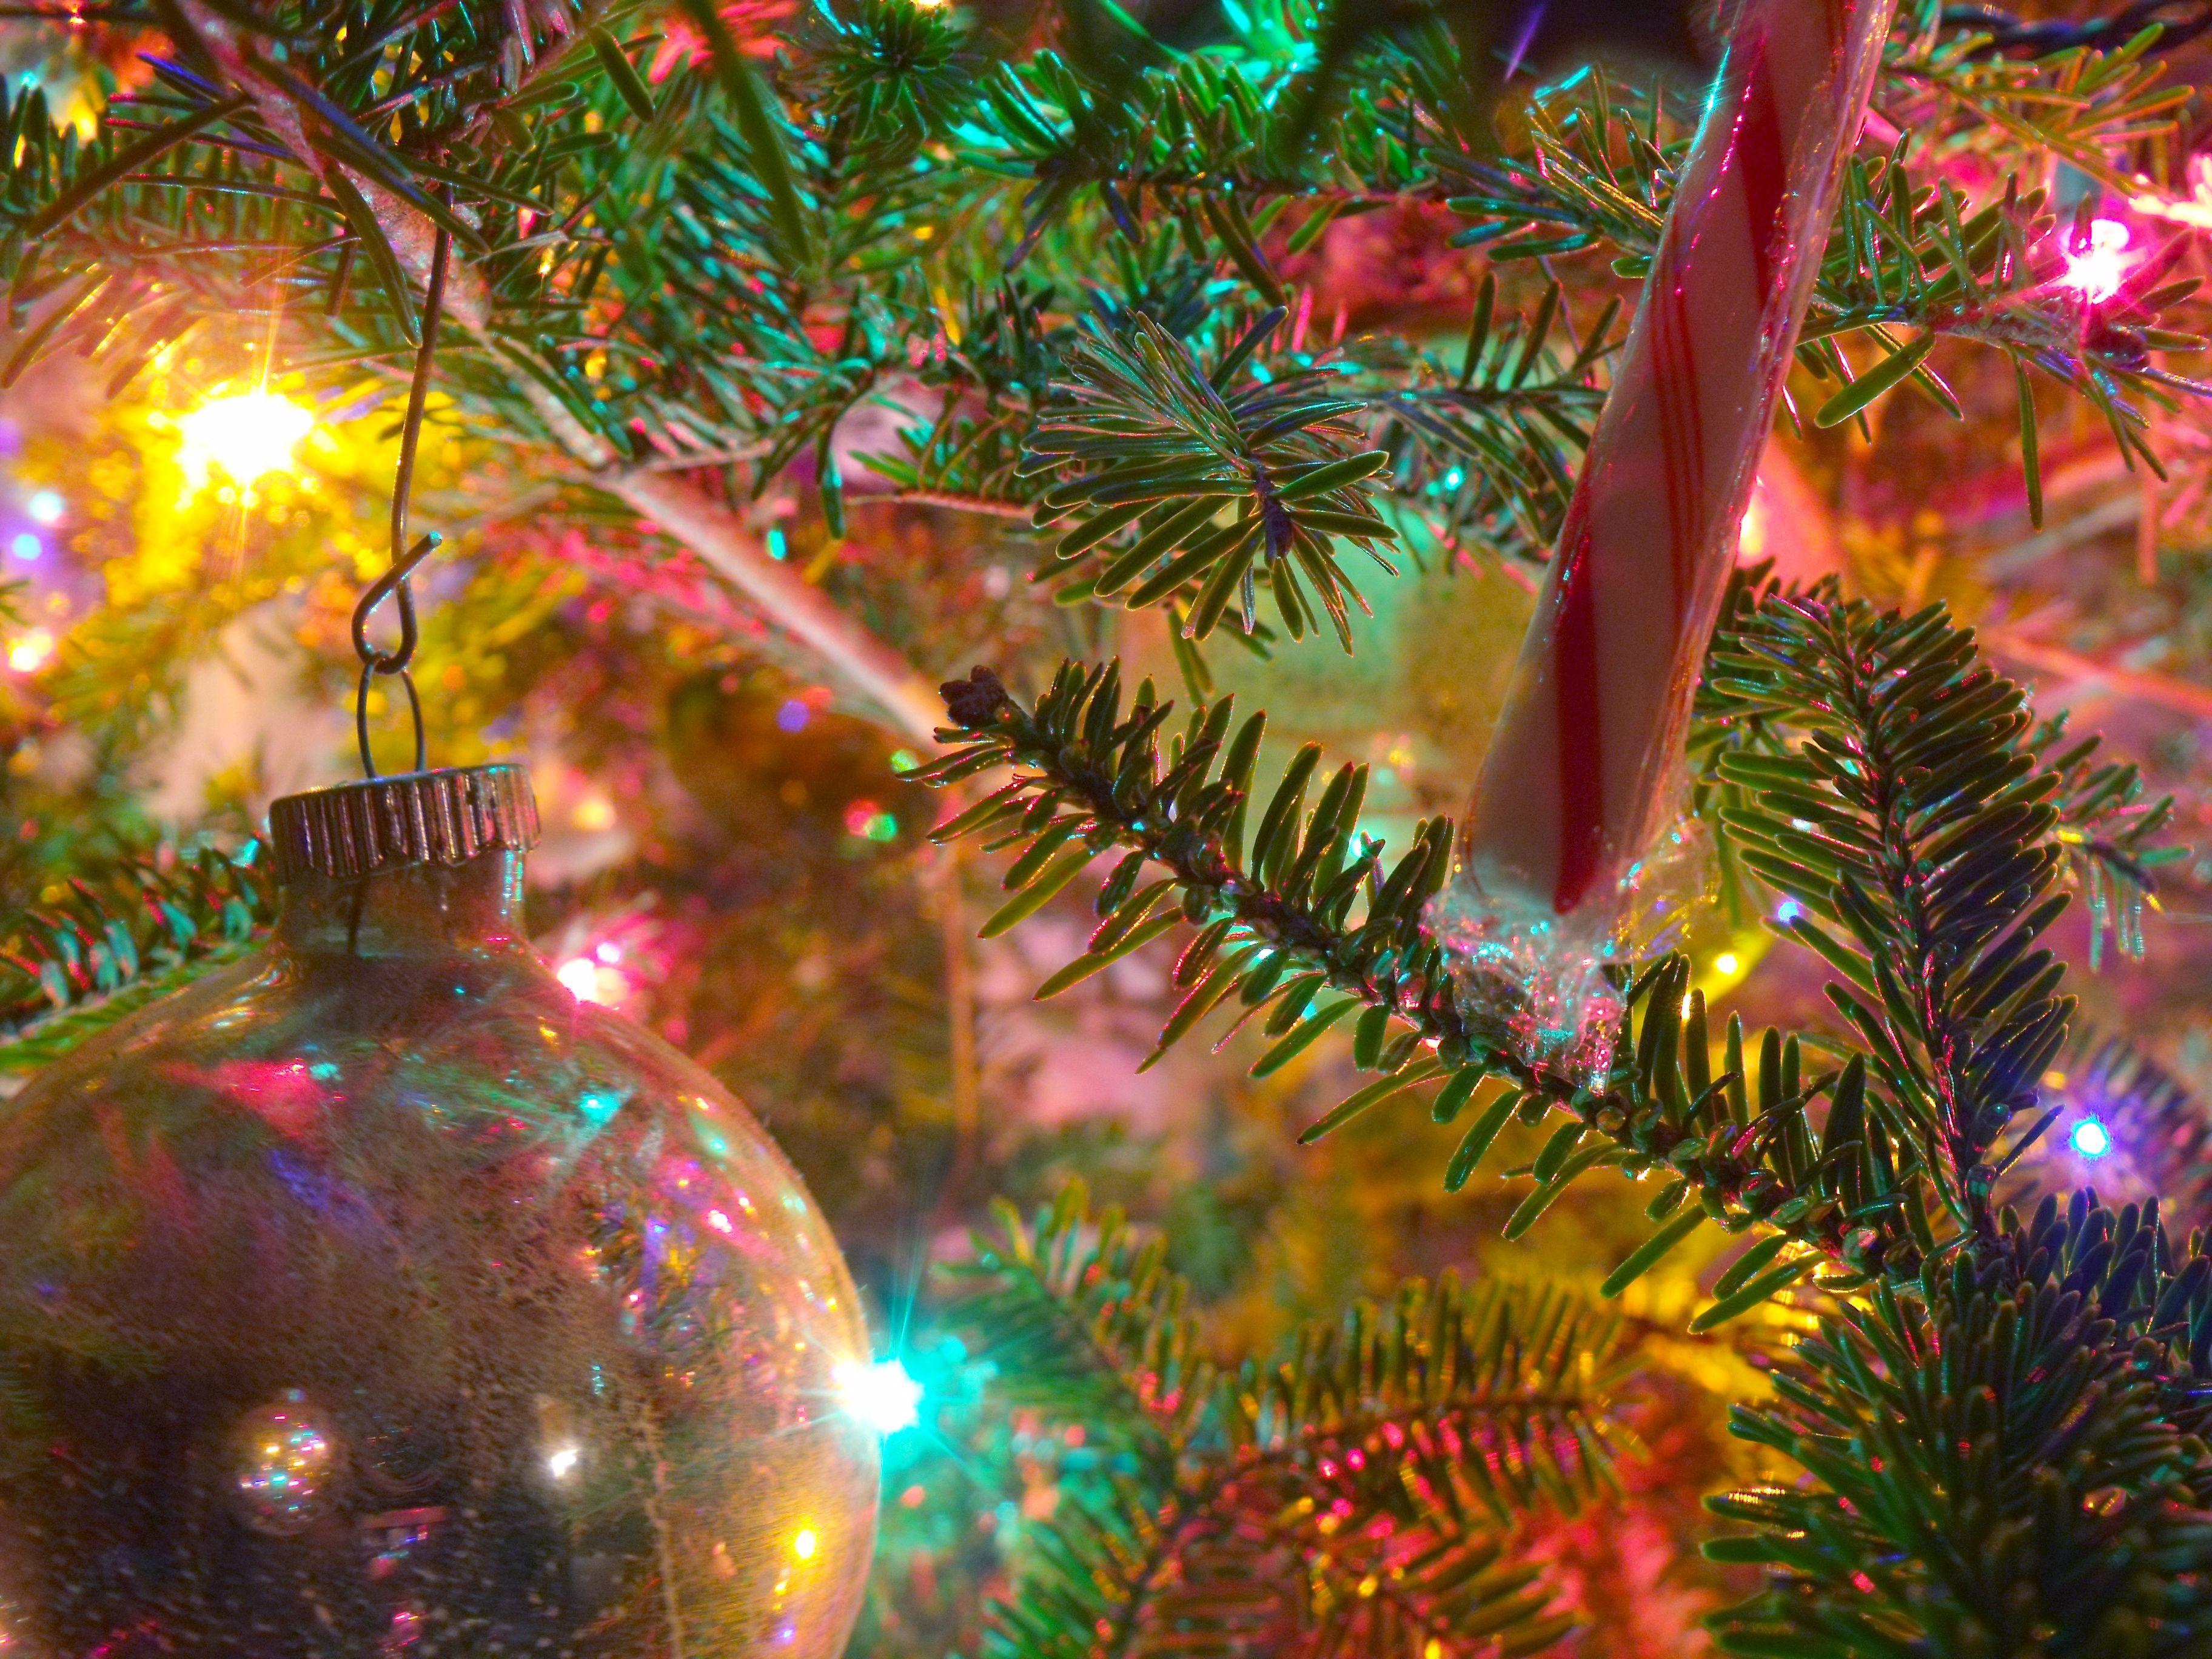 Hình nền máy tính Giáng sinh 3648x2736.  Hình ảnh của Arlington